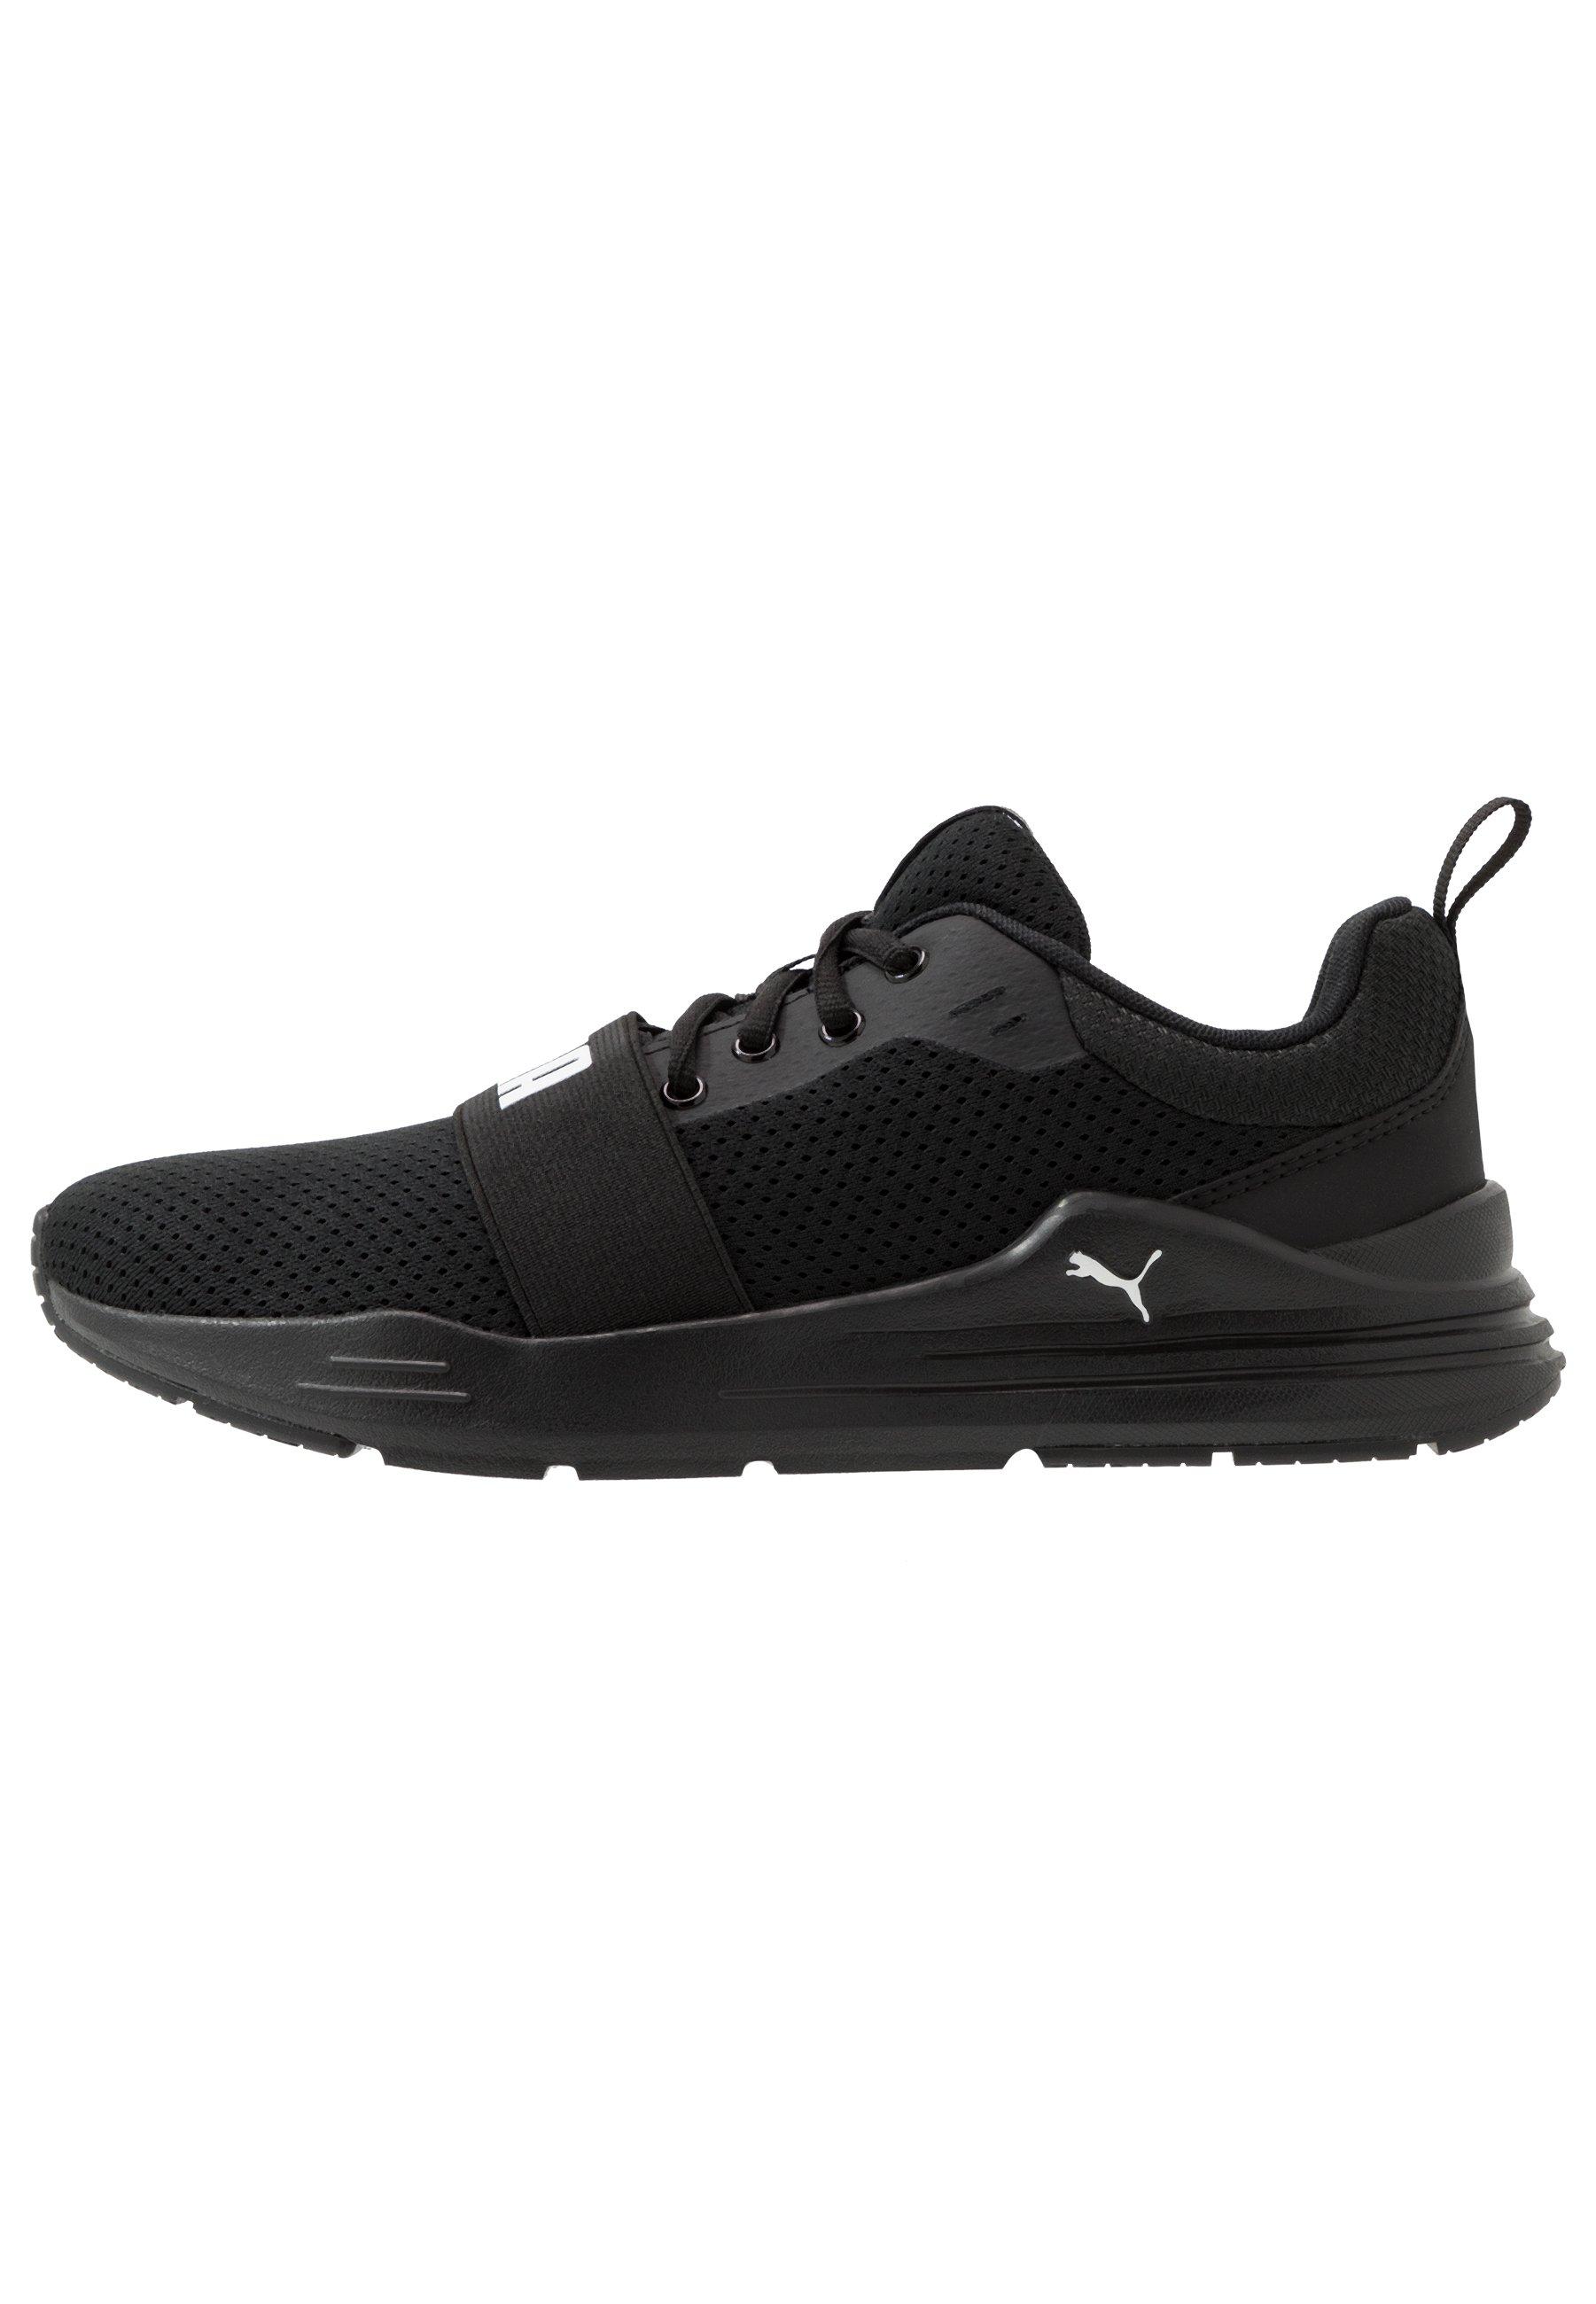 WIRED RUN Chaussures de running neutres black